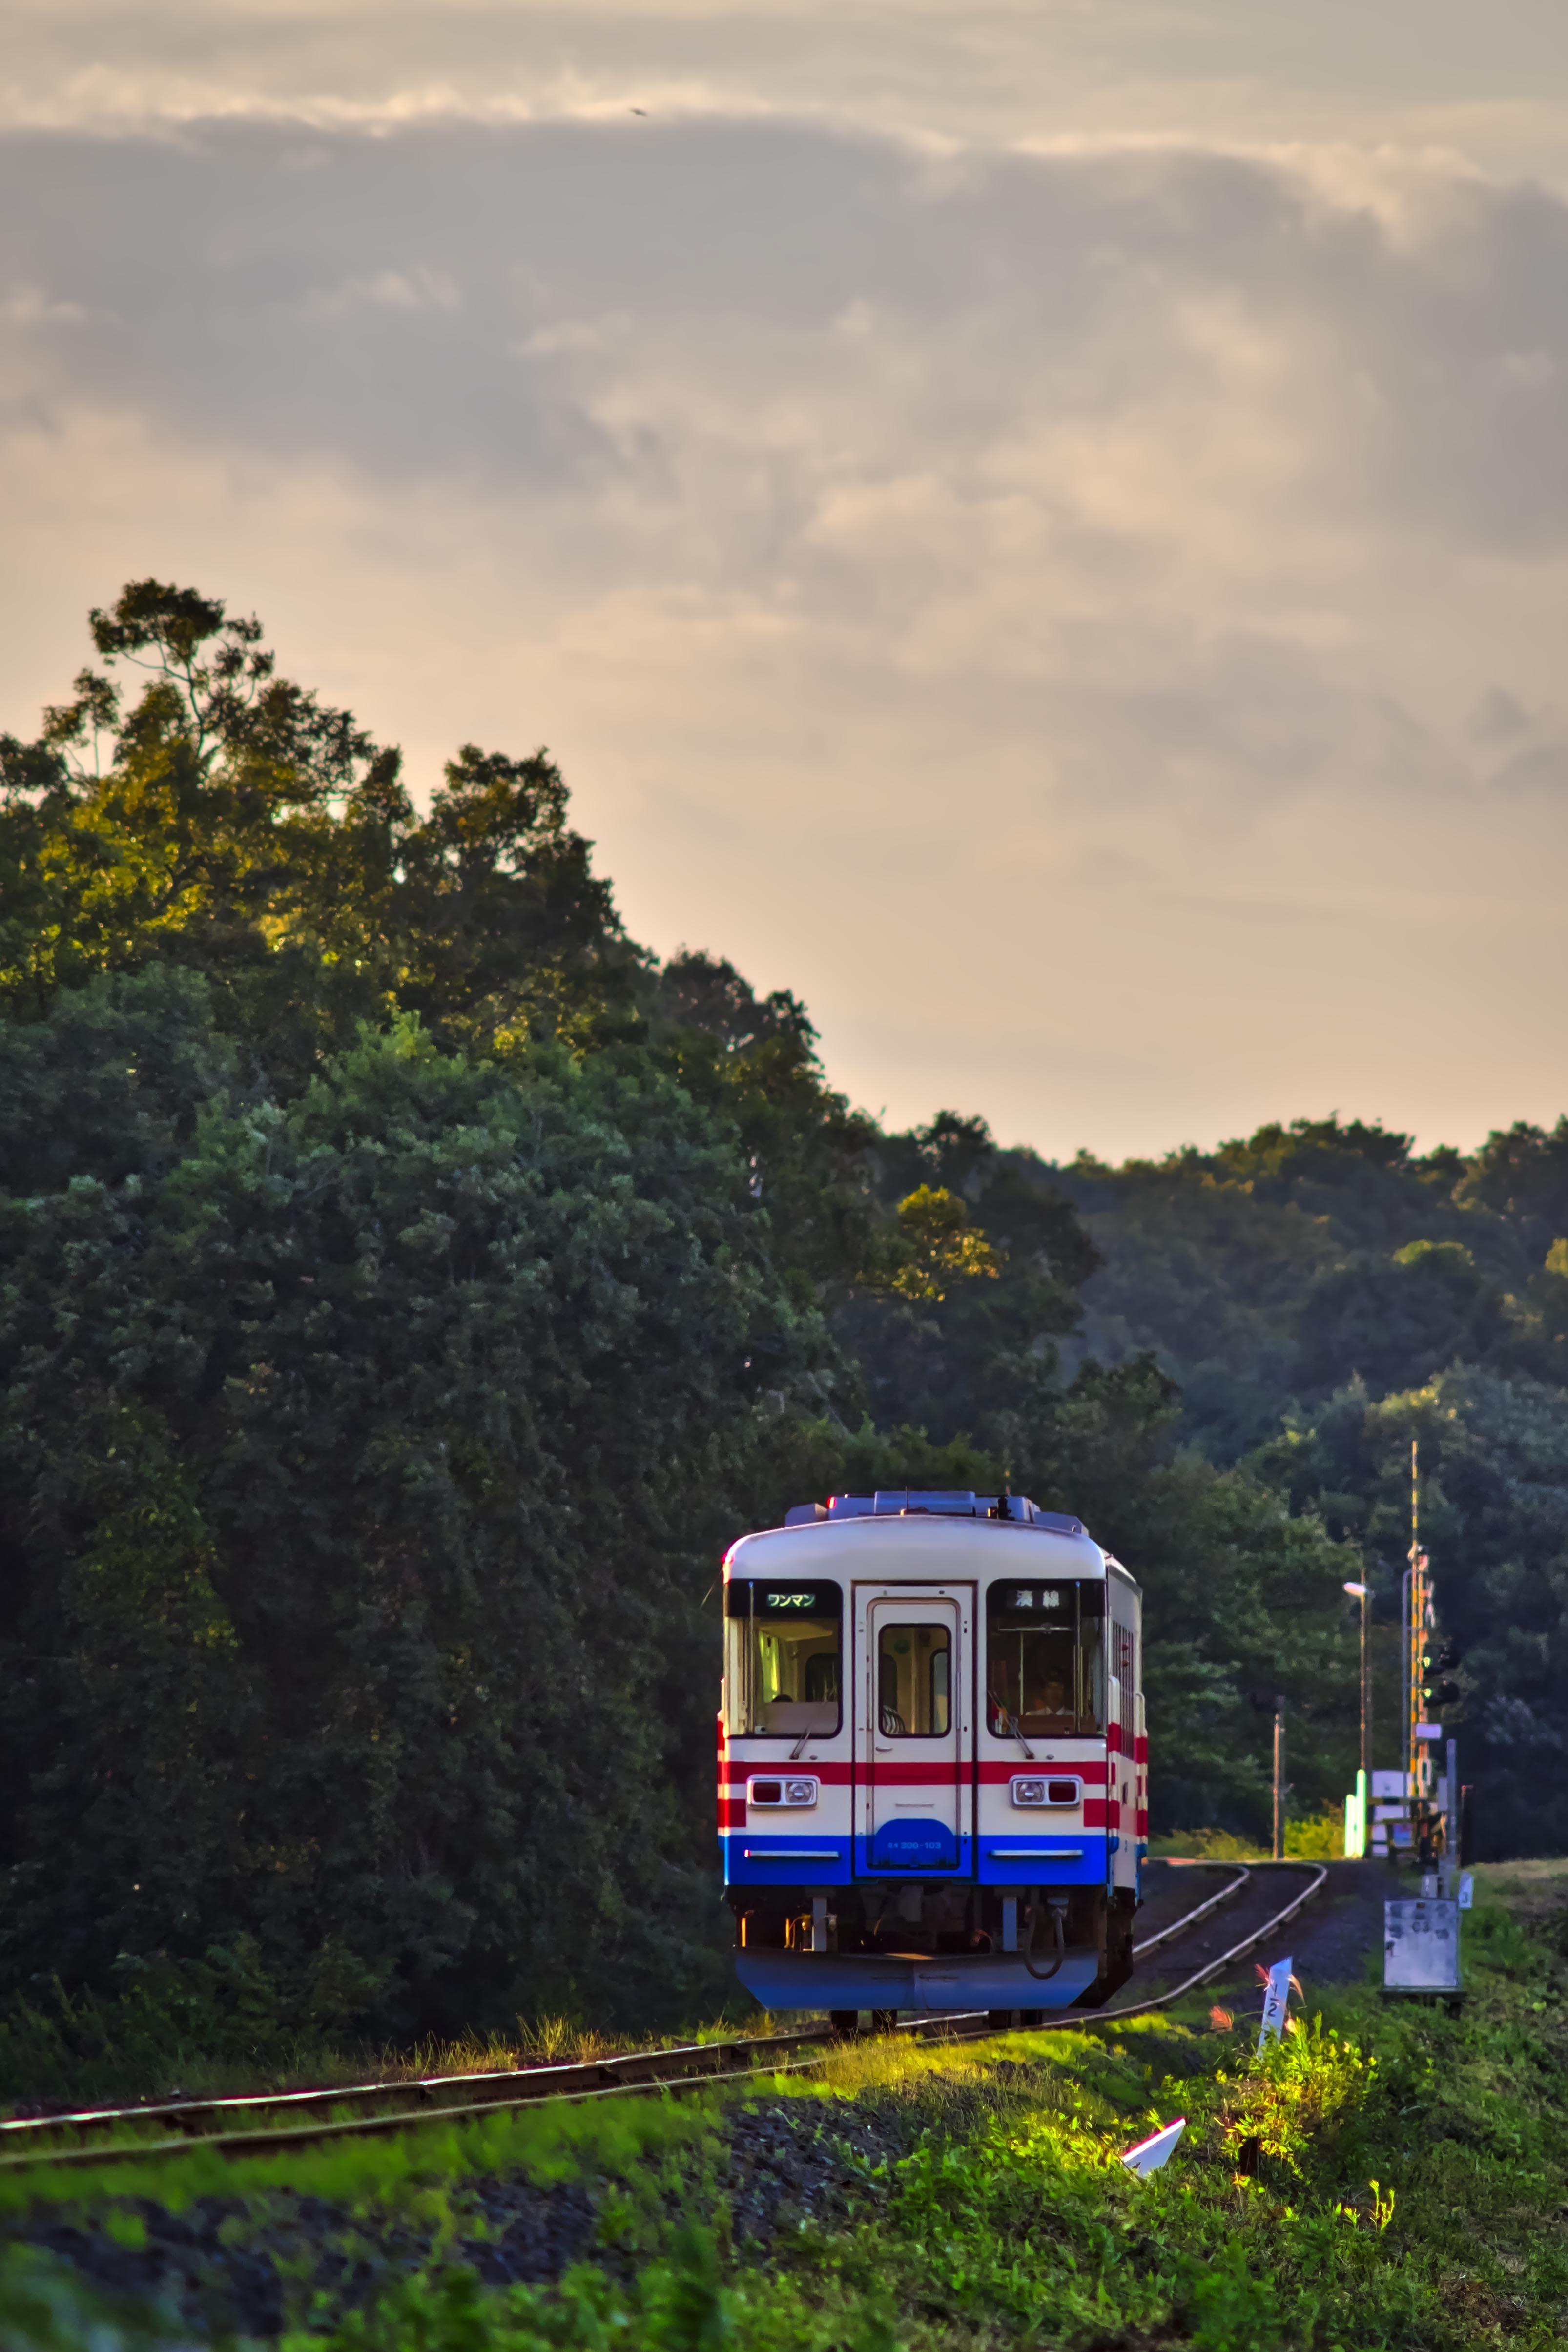 ひたちなか海浜鉄道 鉄道 写真 風景写真 旅